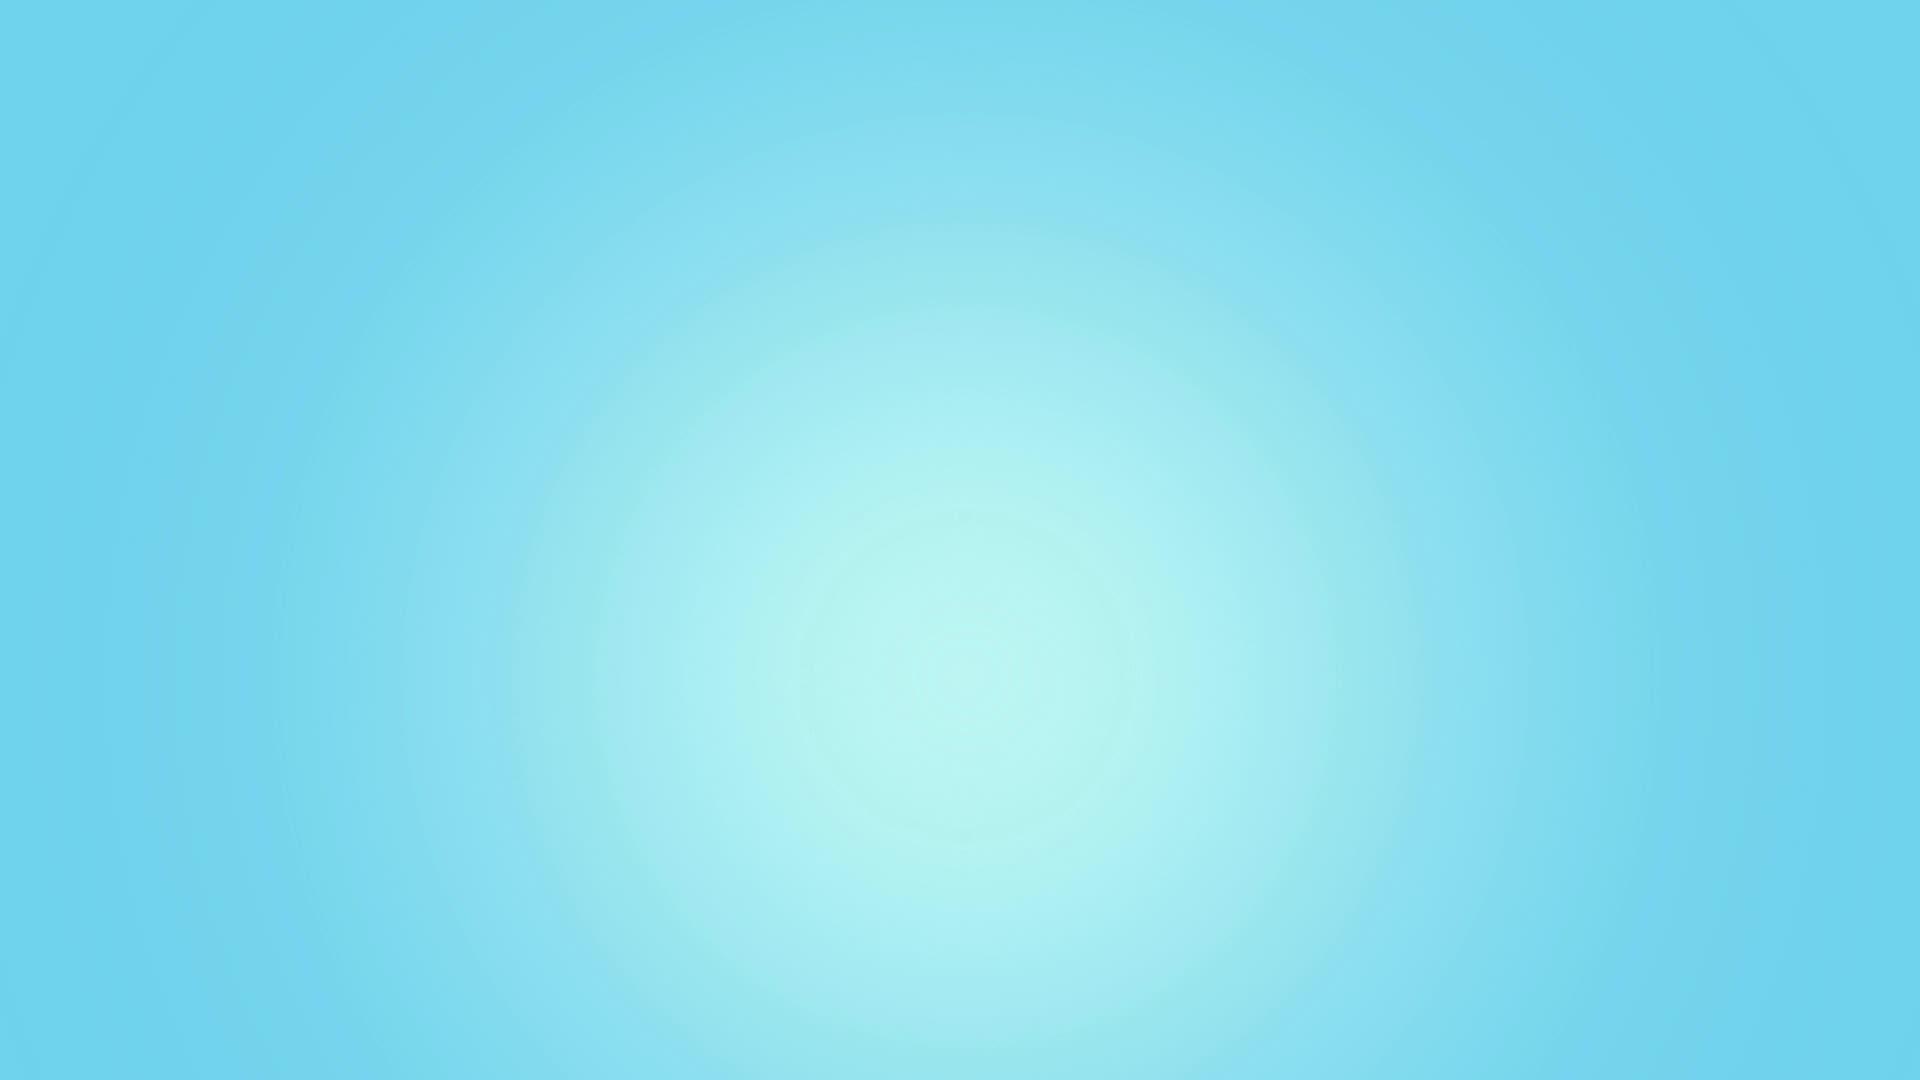 स्त्री मैक्सी नियमित सेनेटरी पैड के साथ कार्बनिक शुद्ध कपास हर्बल मुसब्बर वेरा 240mm के लिए भारी प्रवाह